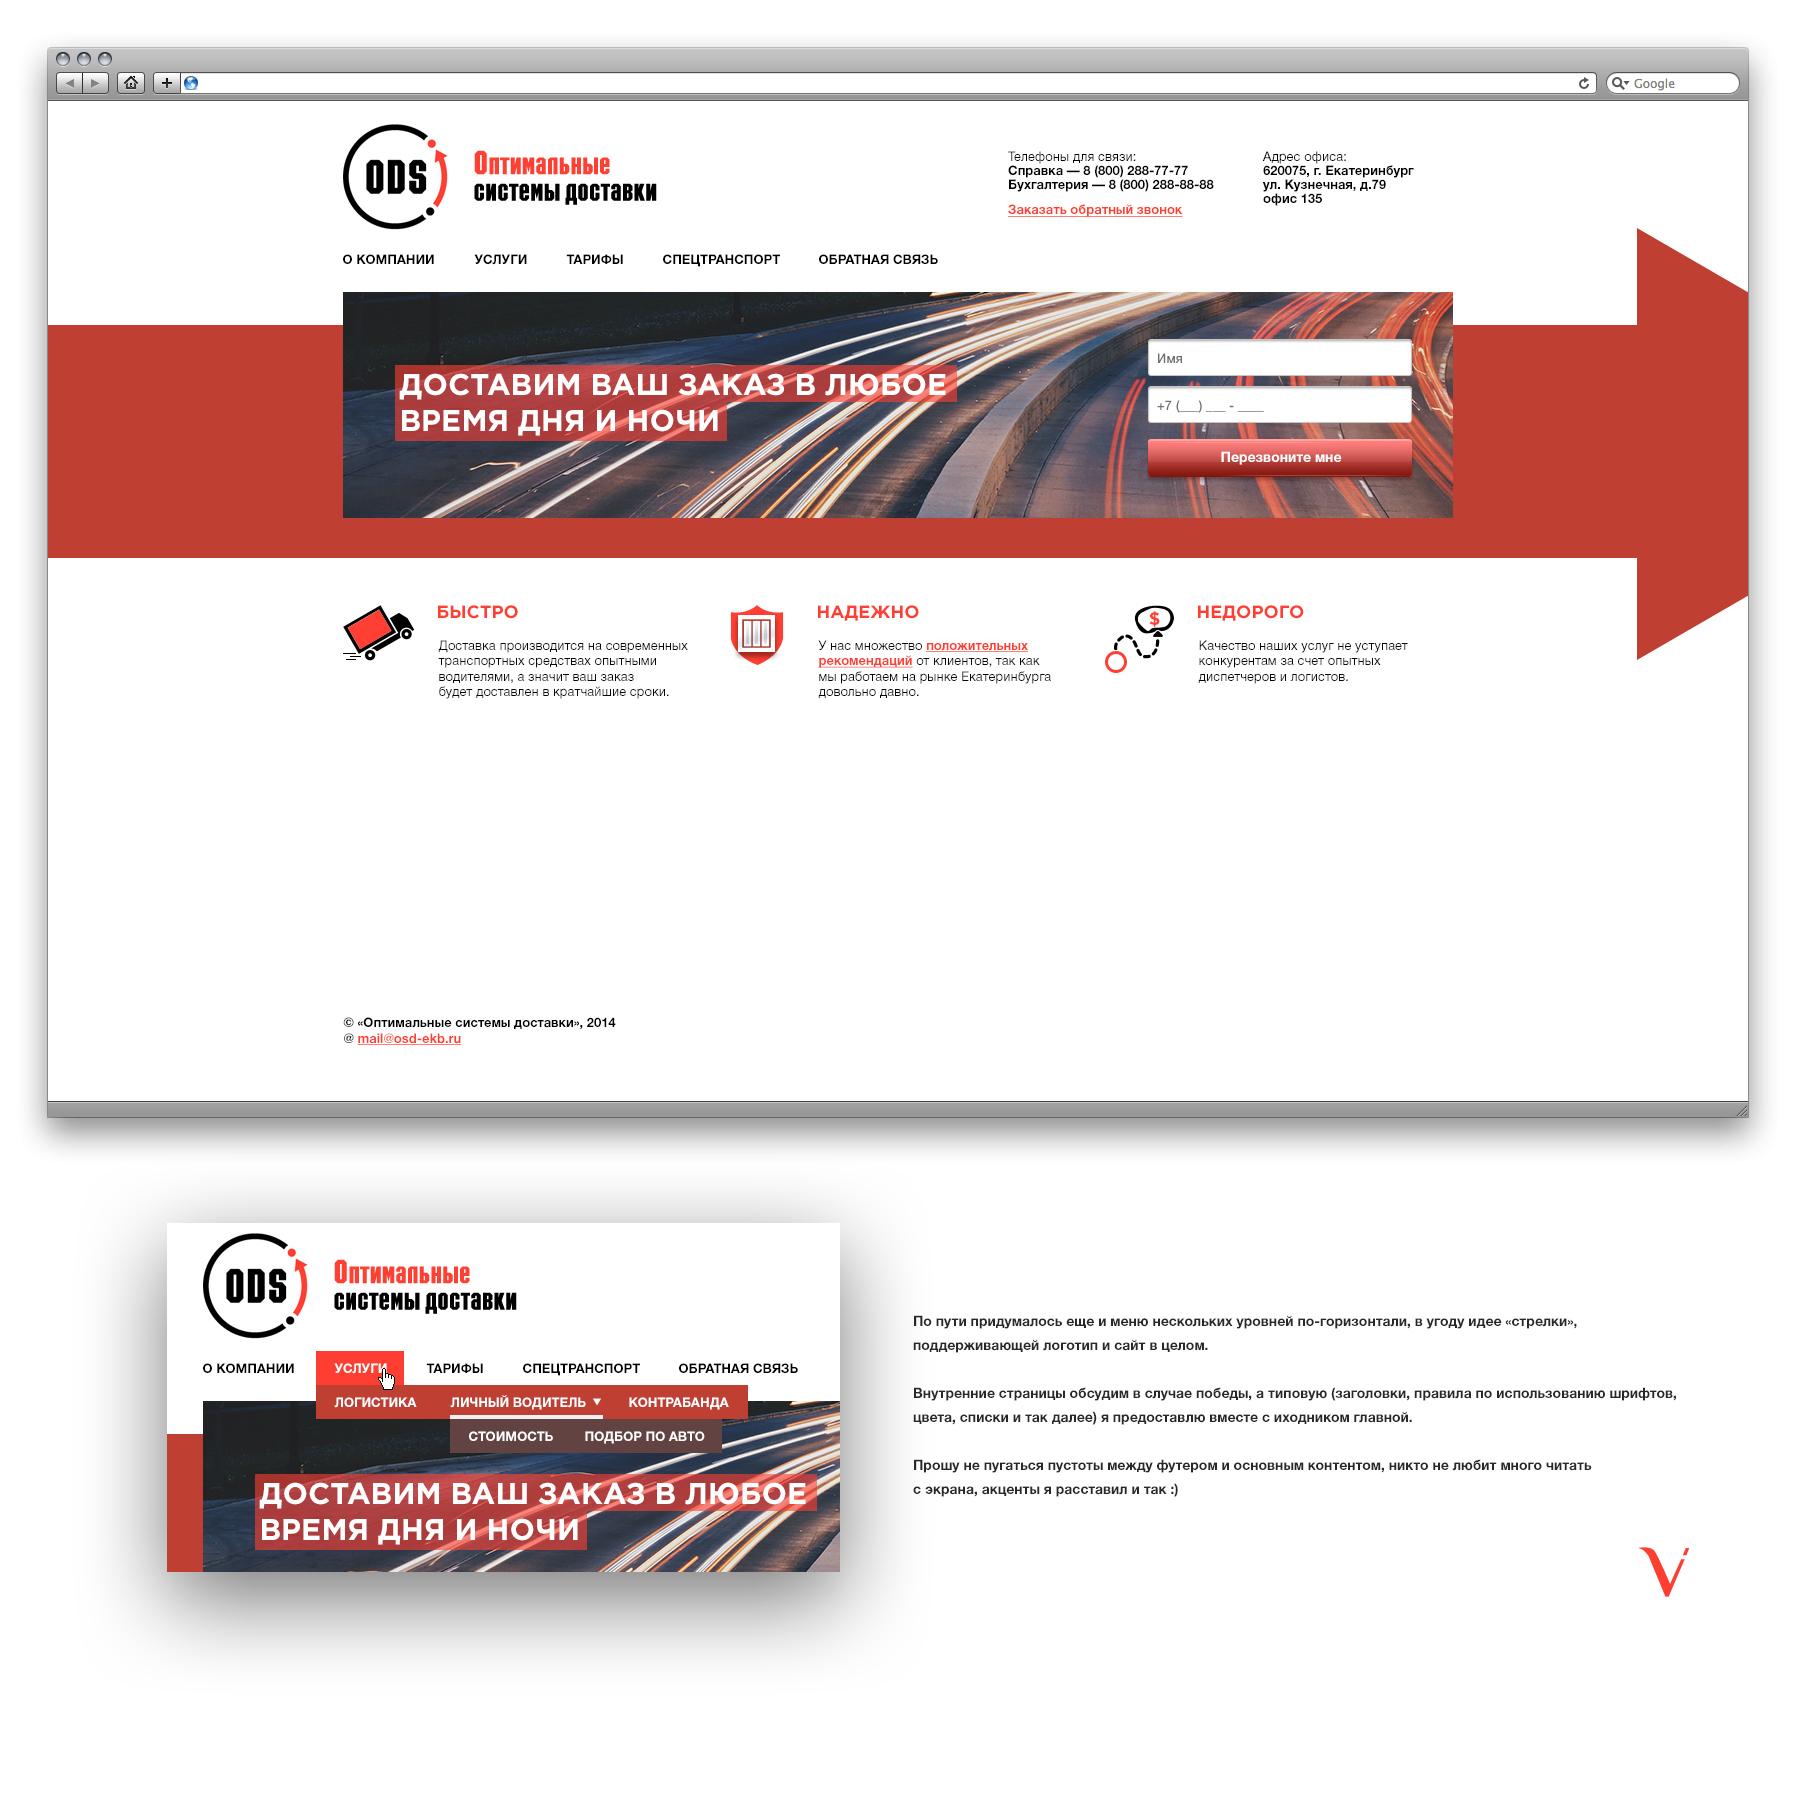 Дизайн сайта-визитки для транспортной компании фото f_48753cda2a1acd25.jpg